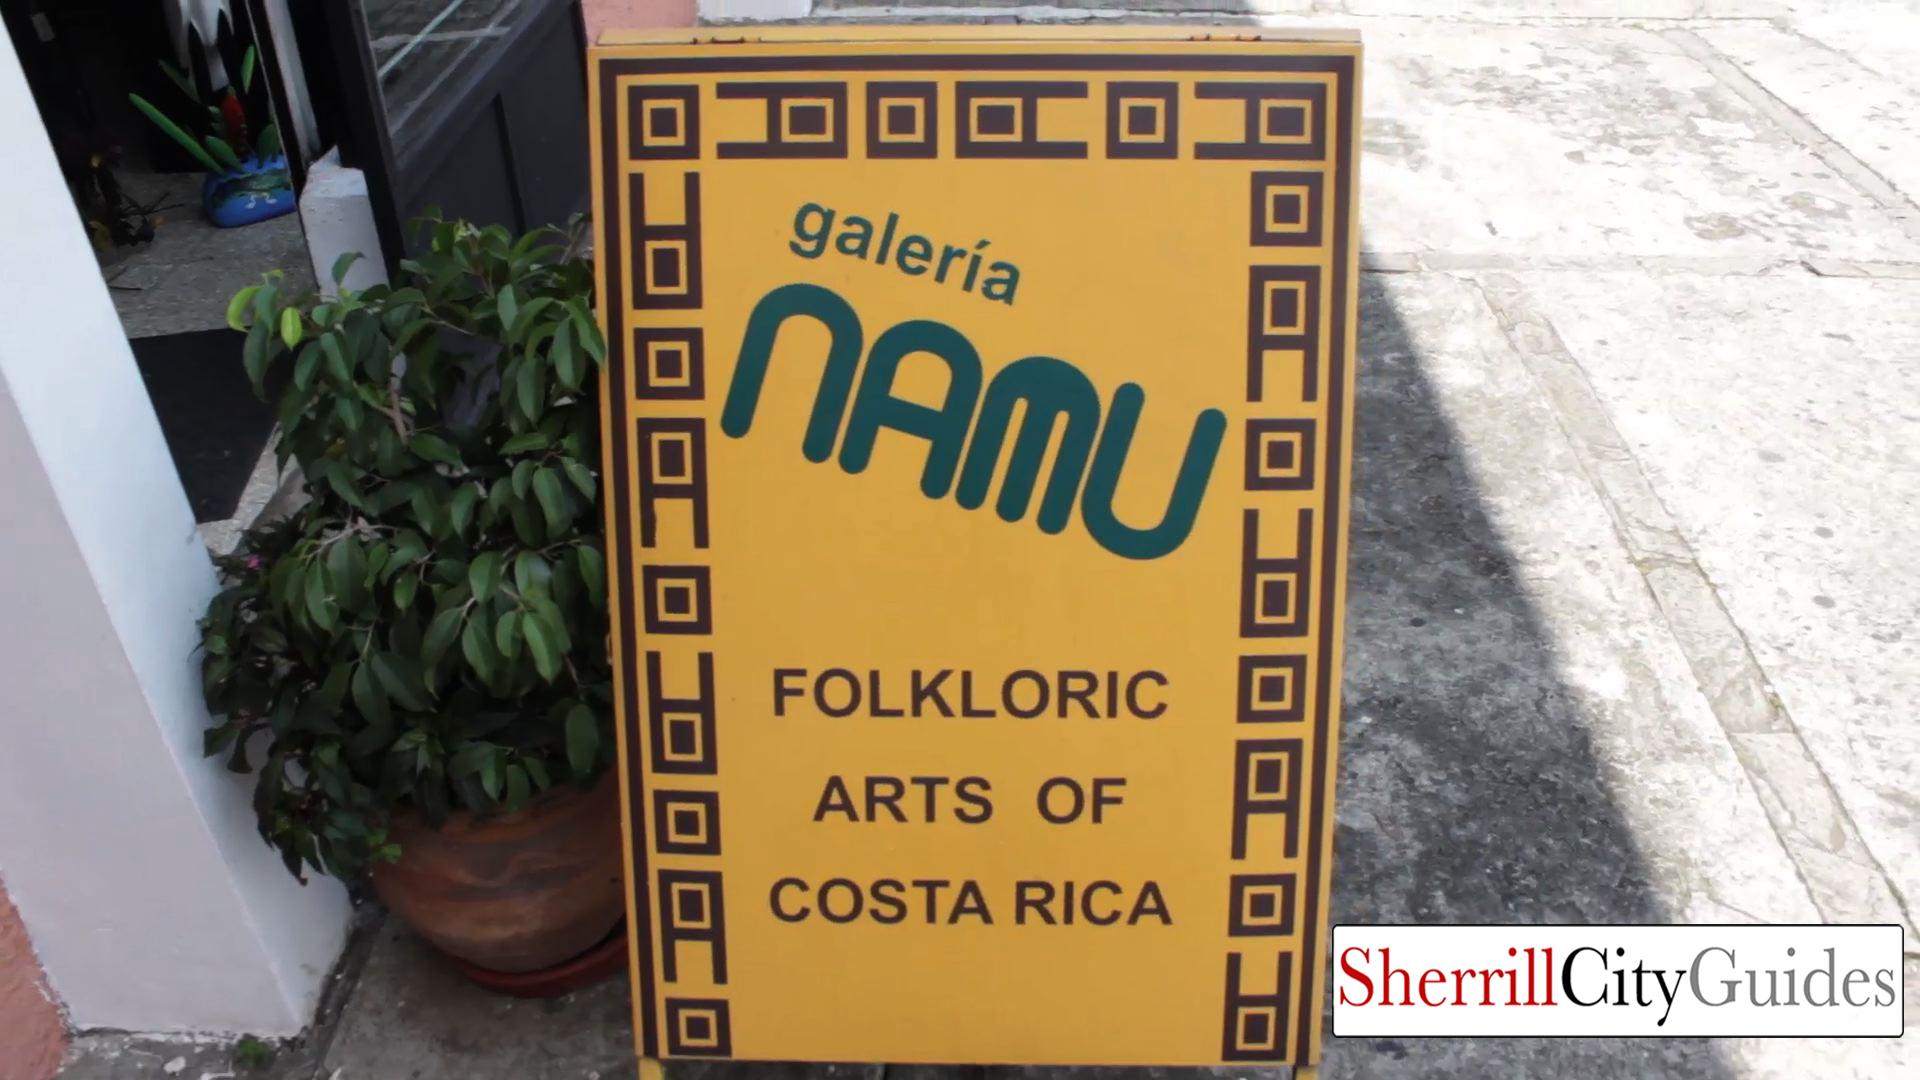 Galeria Namu